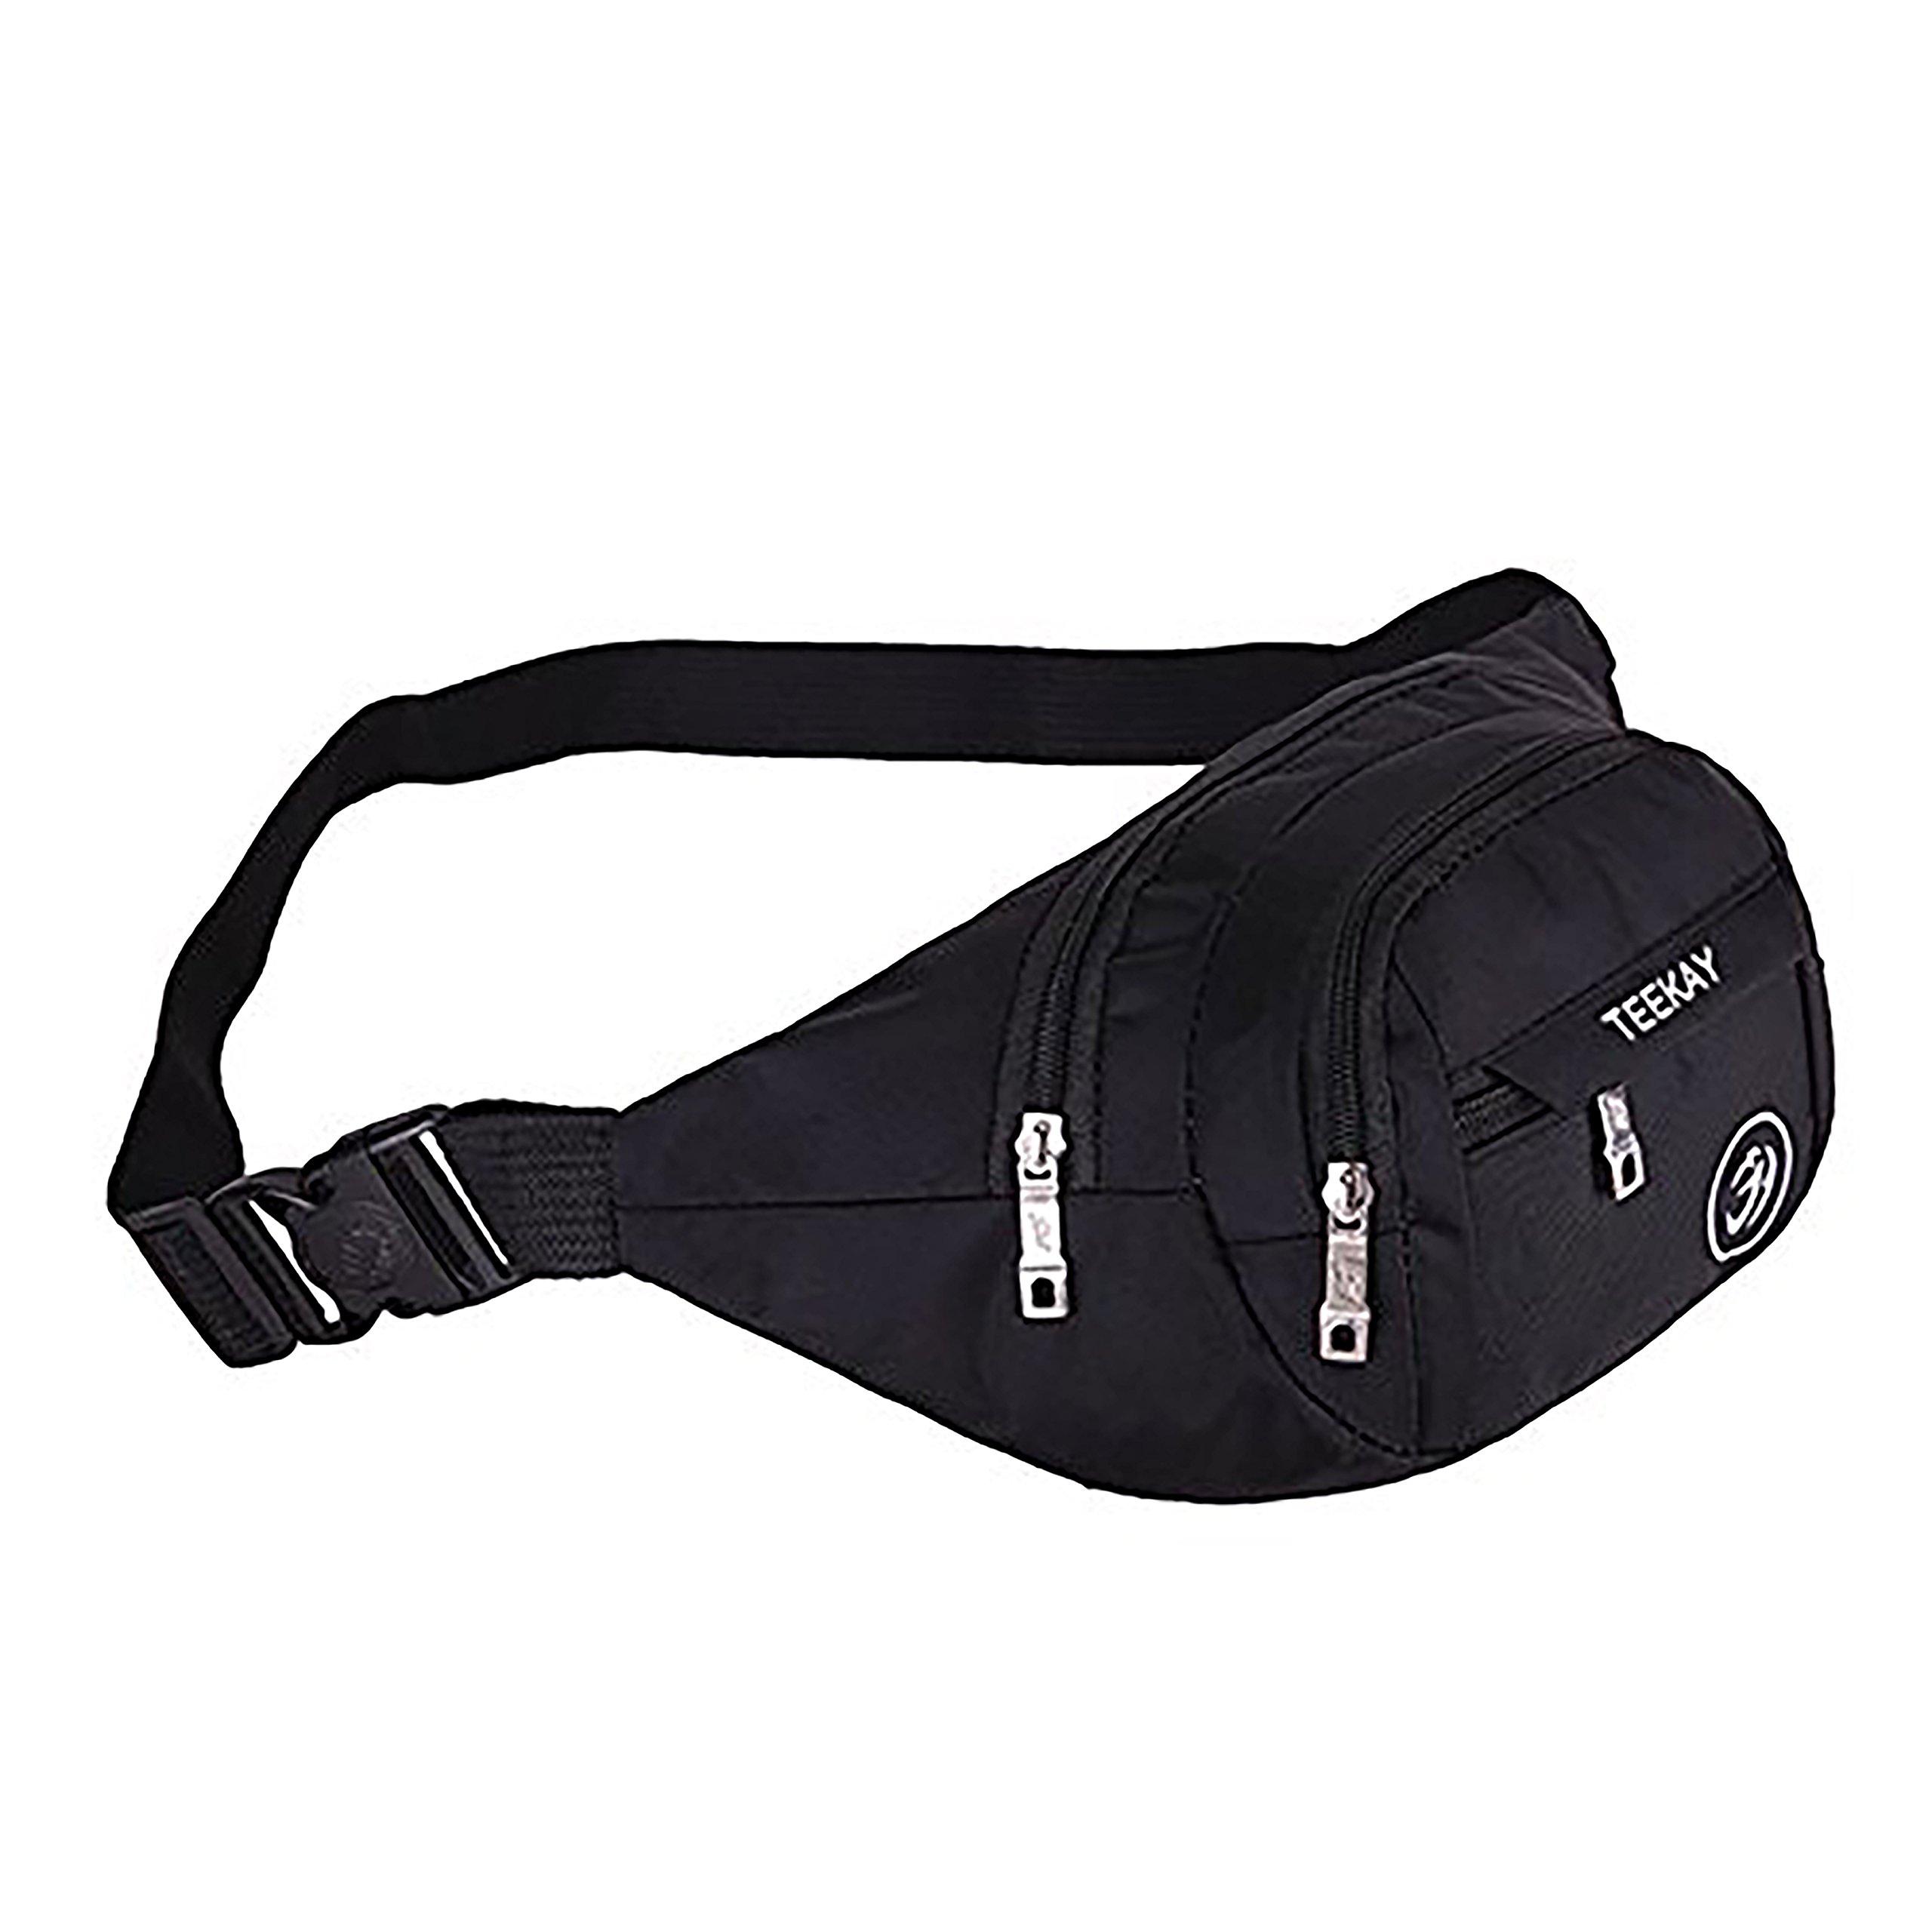 Waist Bag Fanny Pack Travel Belt Hip Pouch Purse for Men Women Running Walking Hiking